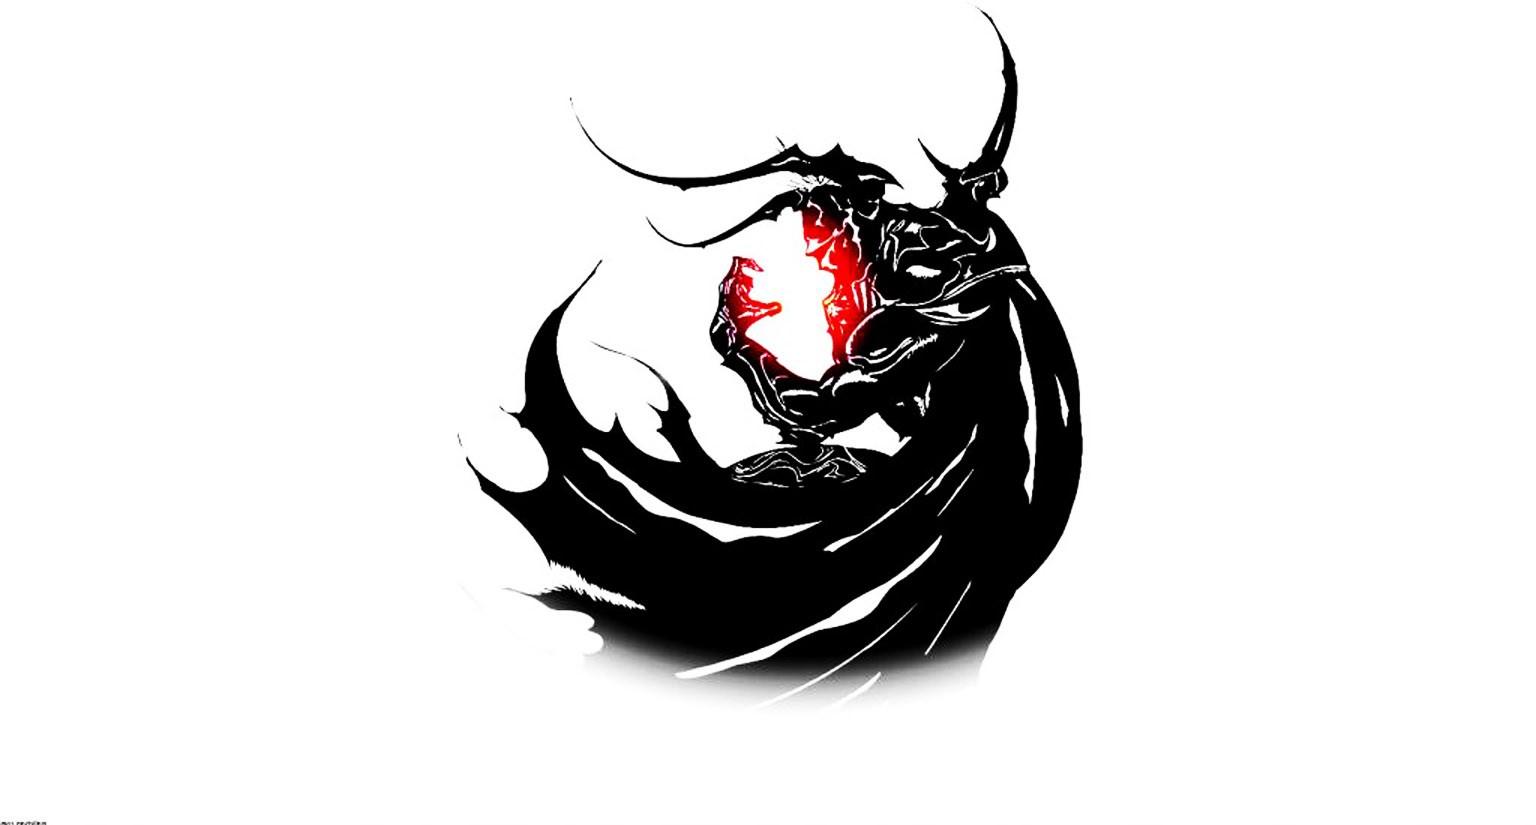 Wallpaper Ilustrasi Video Game Gambar Kartun RPG Square Enix